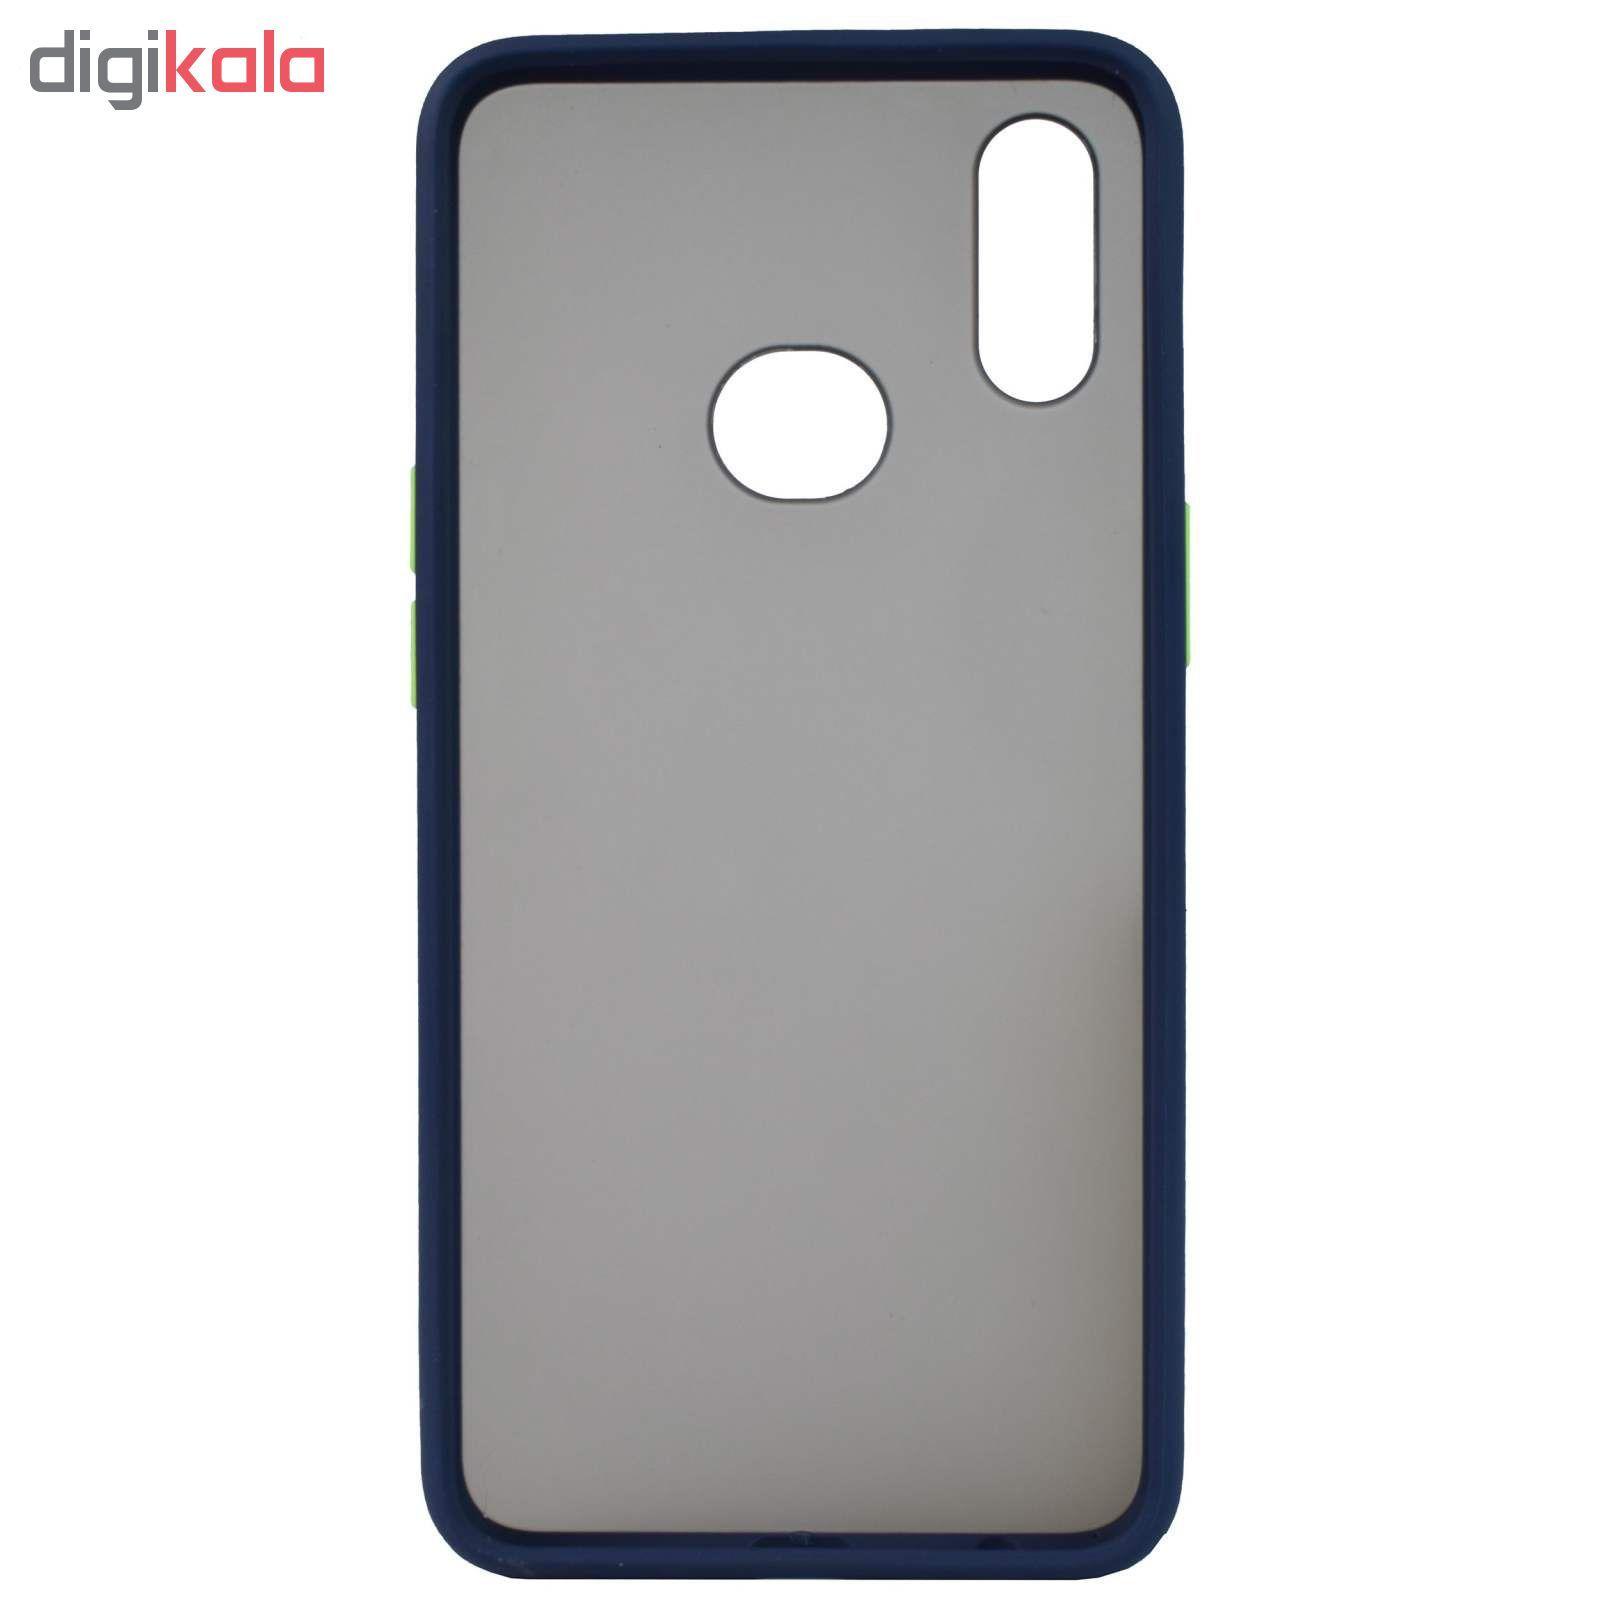 کاور مدل Slico01 مناسب برای گوشی موبایل سامسونگ Galaxy A20S main 1 4